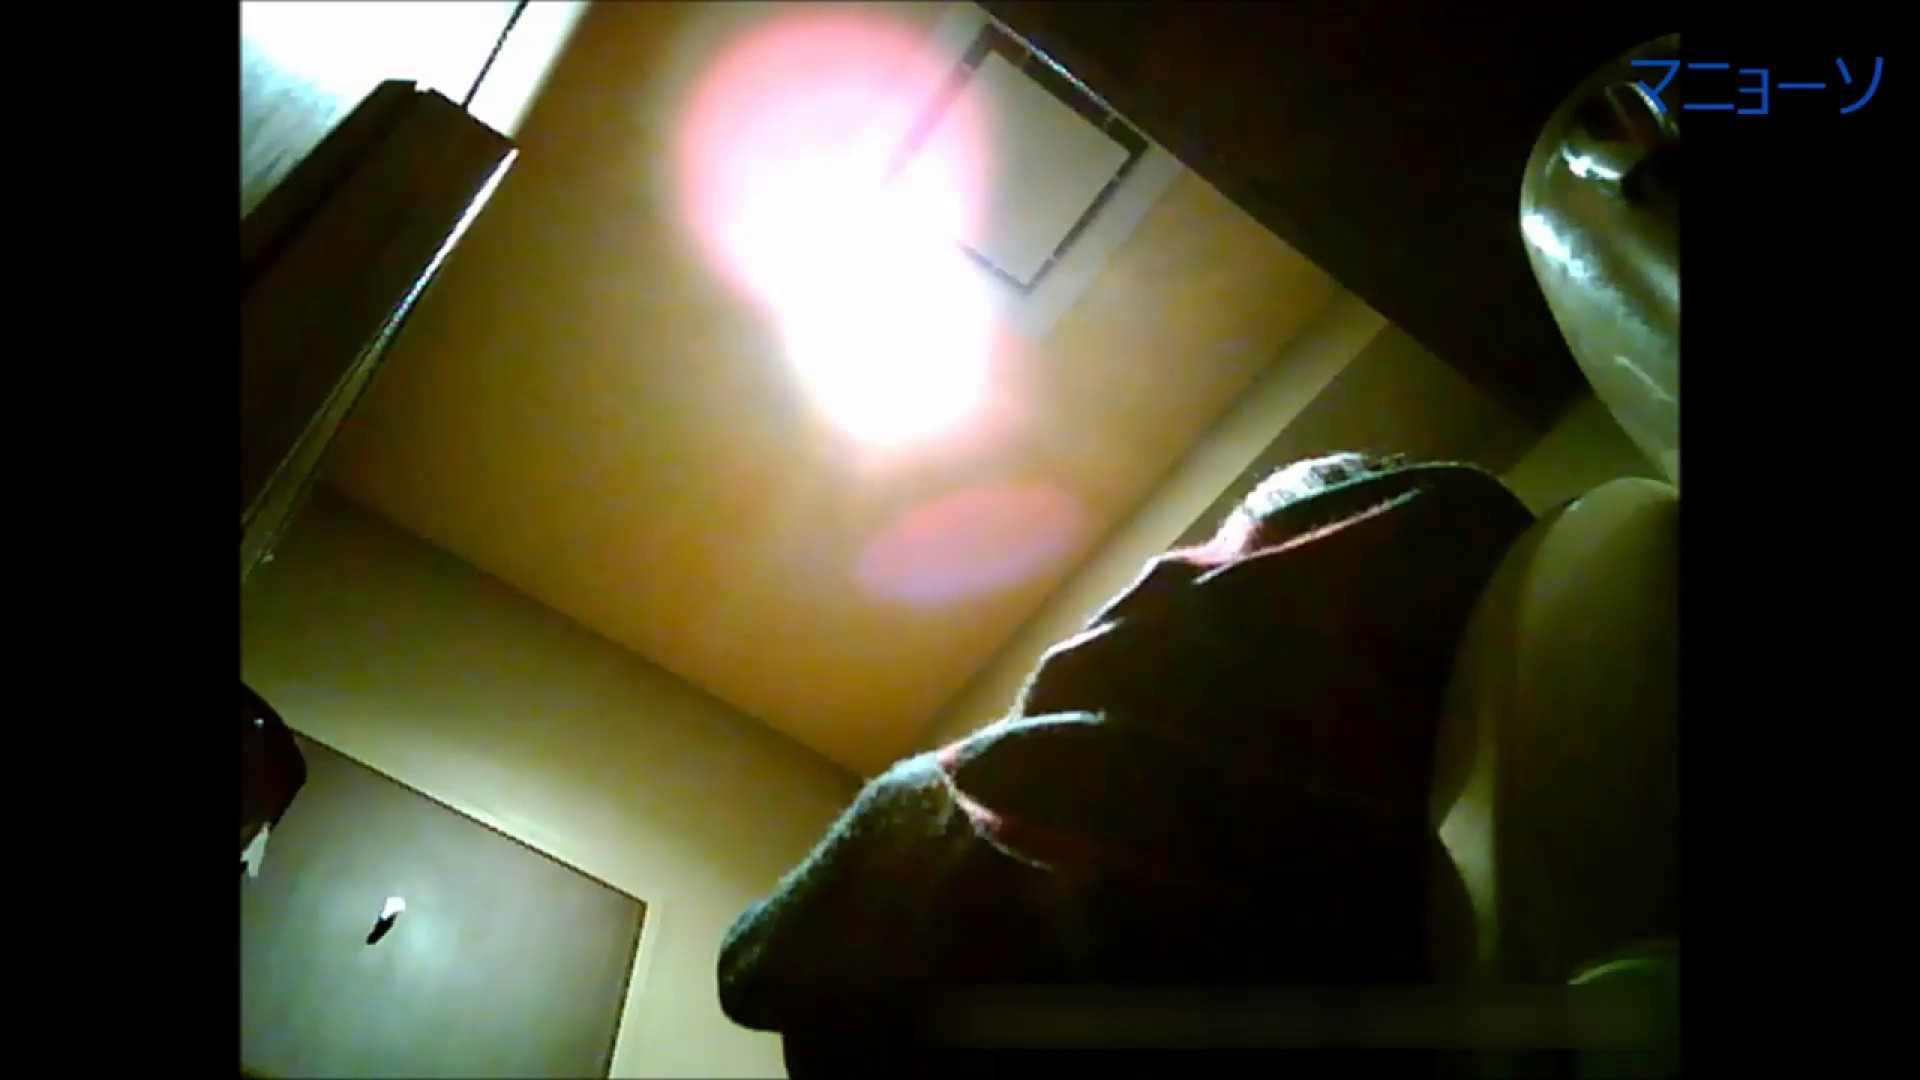 トイレでひと肌脱いでもらいました (JD編)Vol.02 トイレ中の女子達  106連発 48